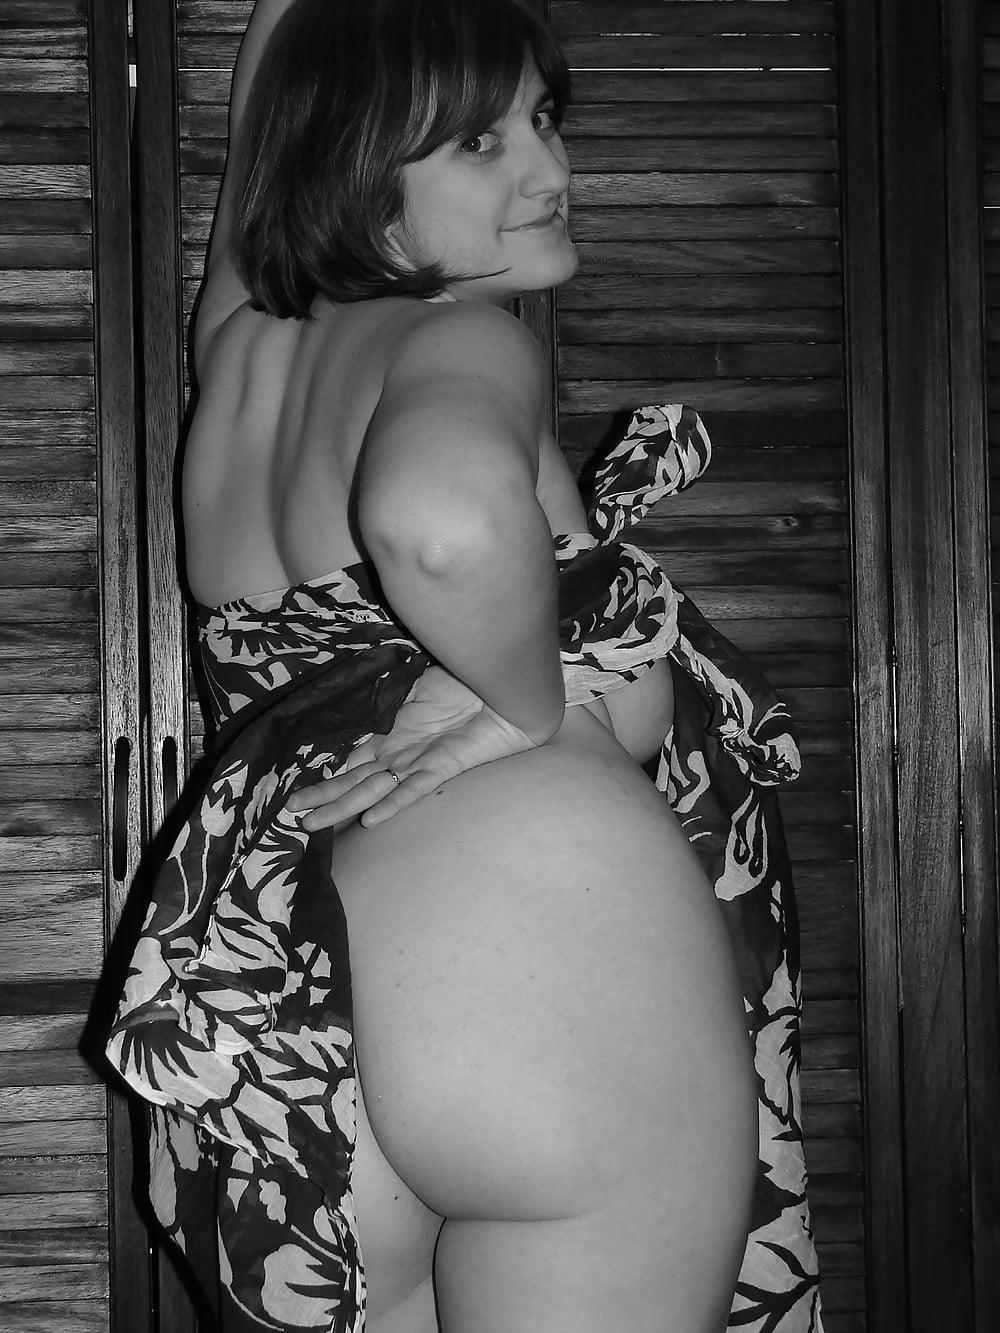 Фото эро фото сочные дамы девушки клубнички мулатка